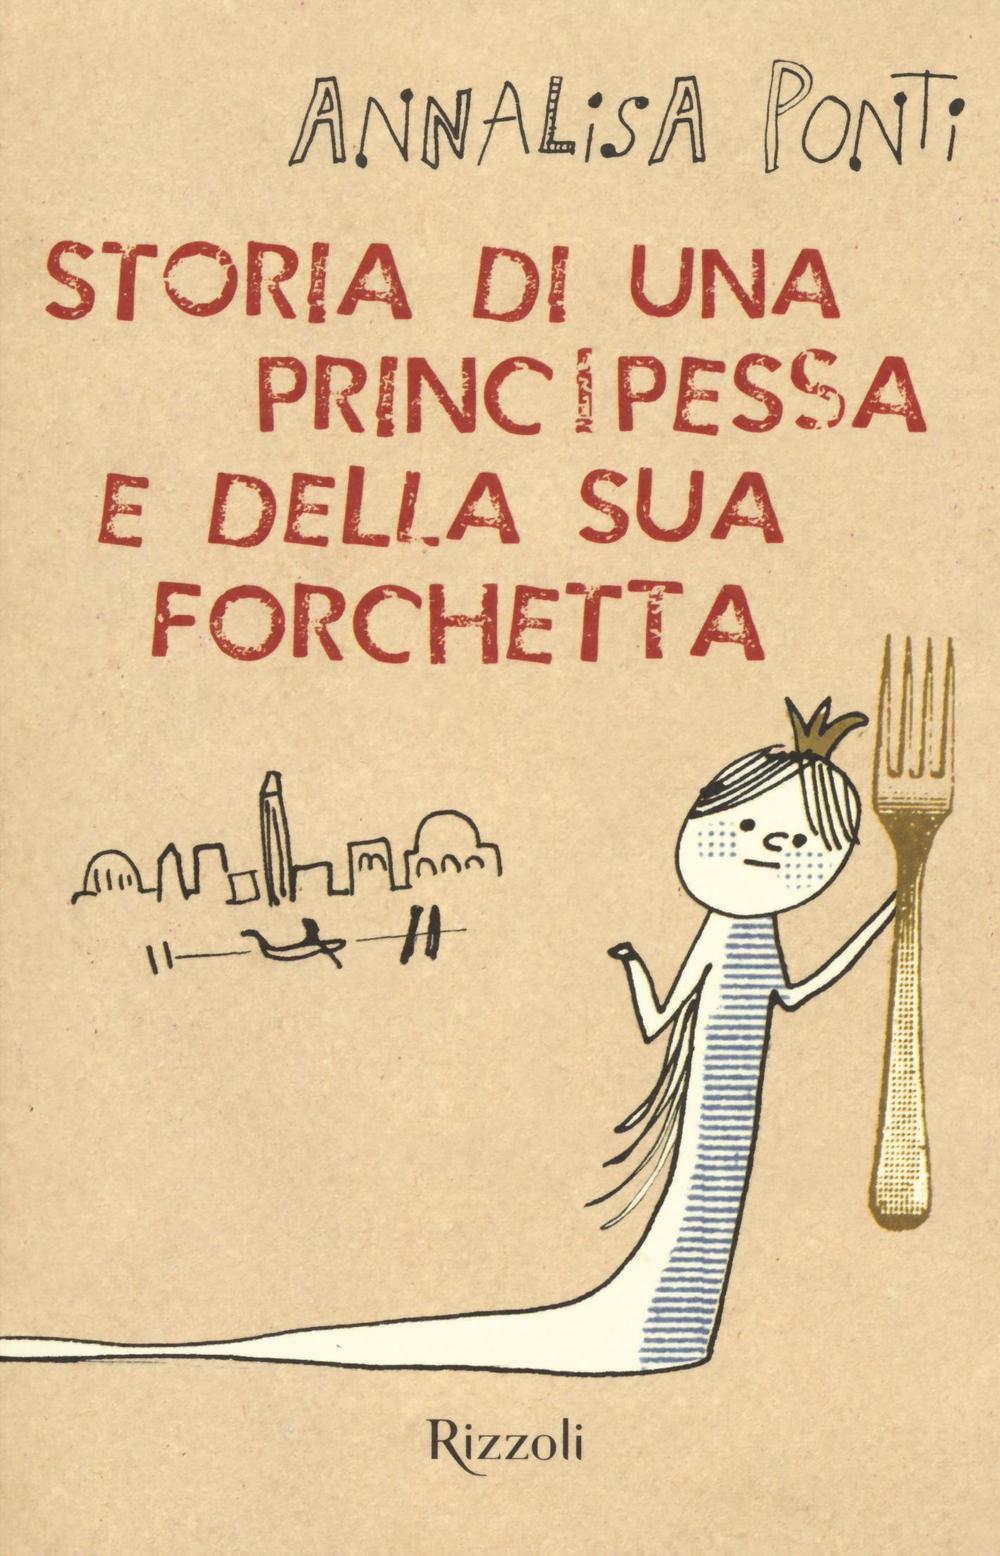 Storia di una principessa e della sua forchetta for Palazzi di una storia